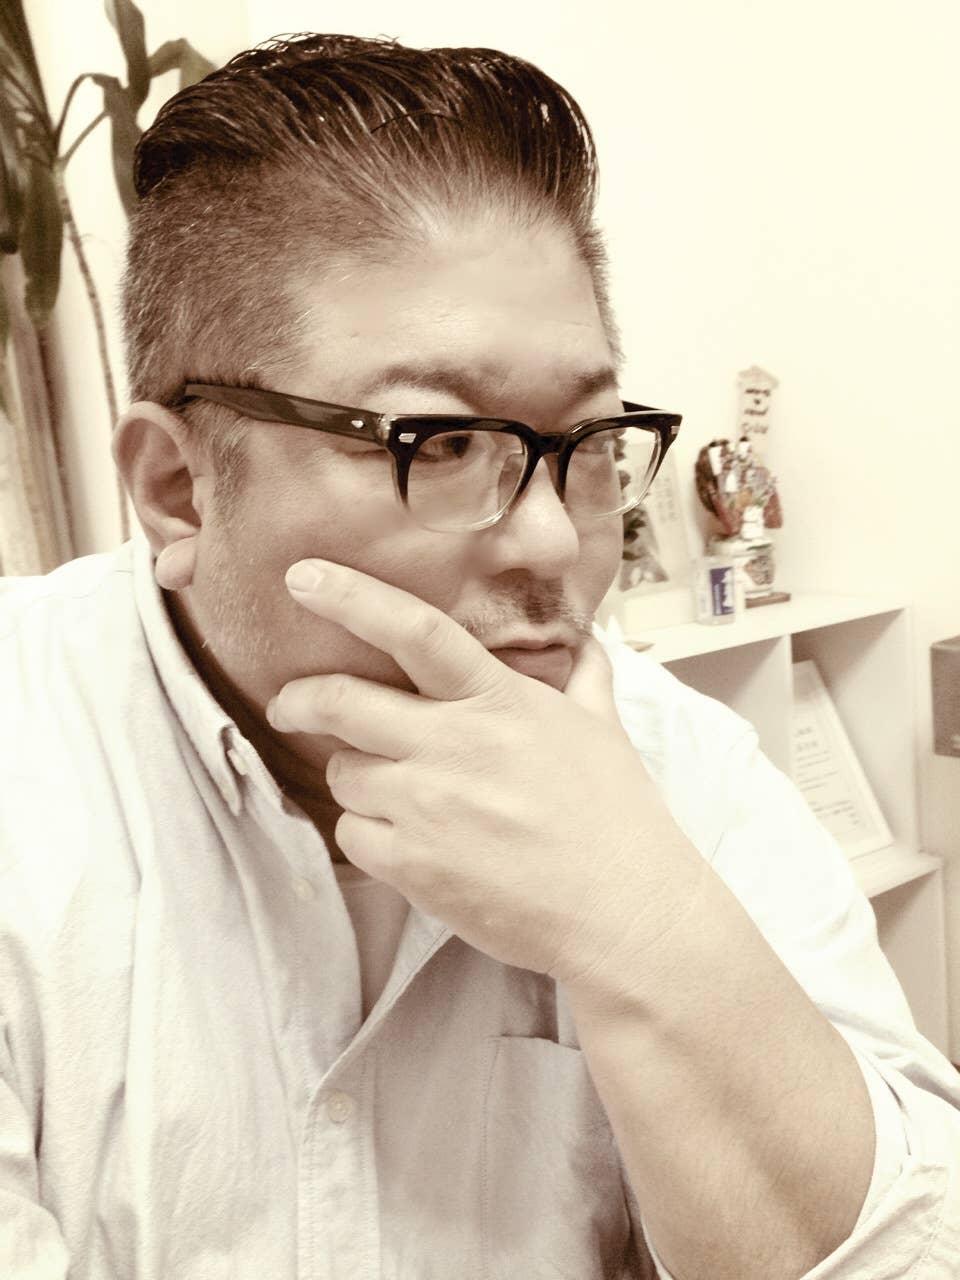 Masao Kitajima